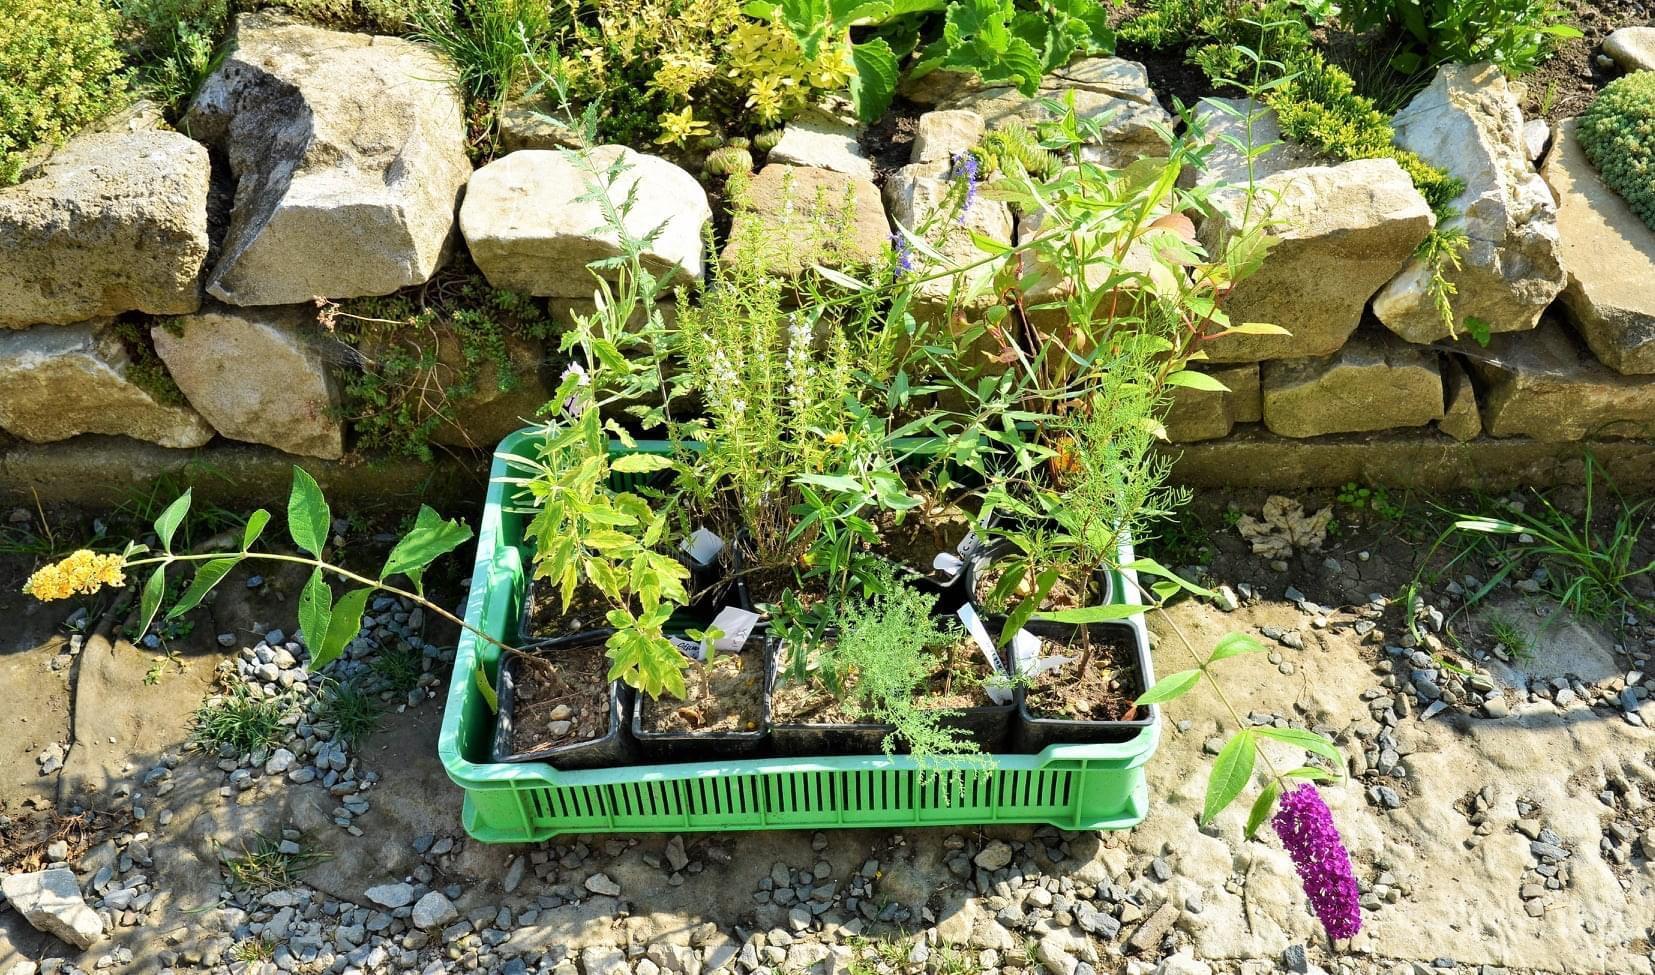 Zahrada - Můj manžel je vystudovaný zahradník a jeho přátelé se zahradám věnuji doposud. Takže každá návštěva končí minimálně takto a do jsme se vraceli z dovolené a 10 bambusu a katalpa v kufru :-)